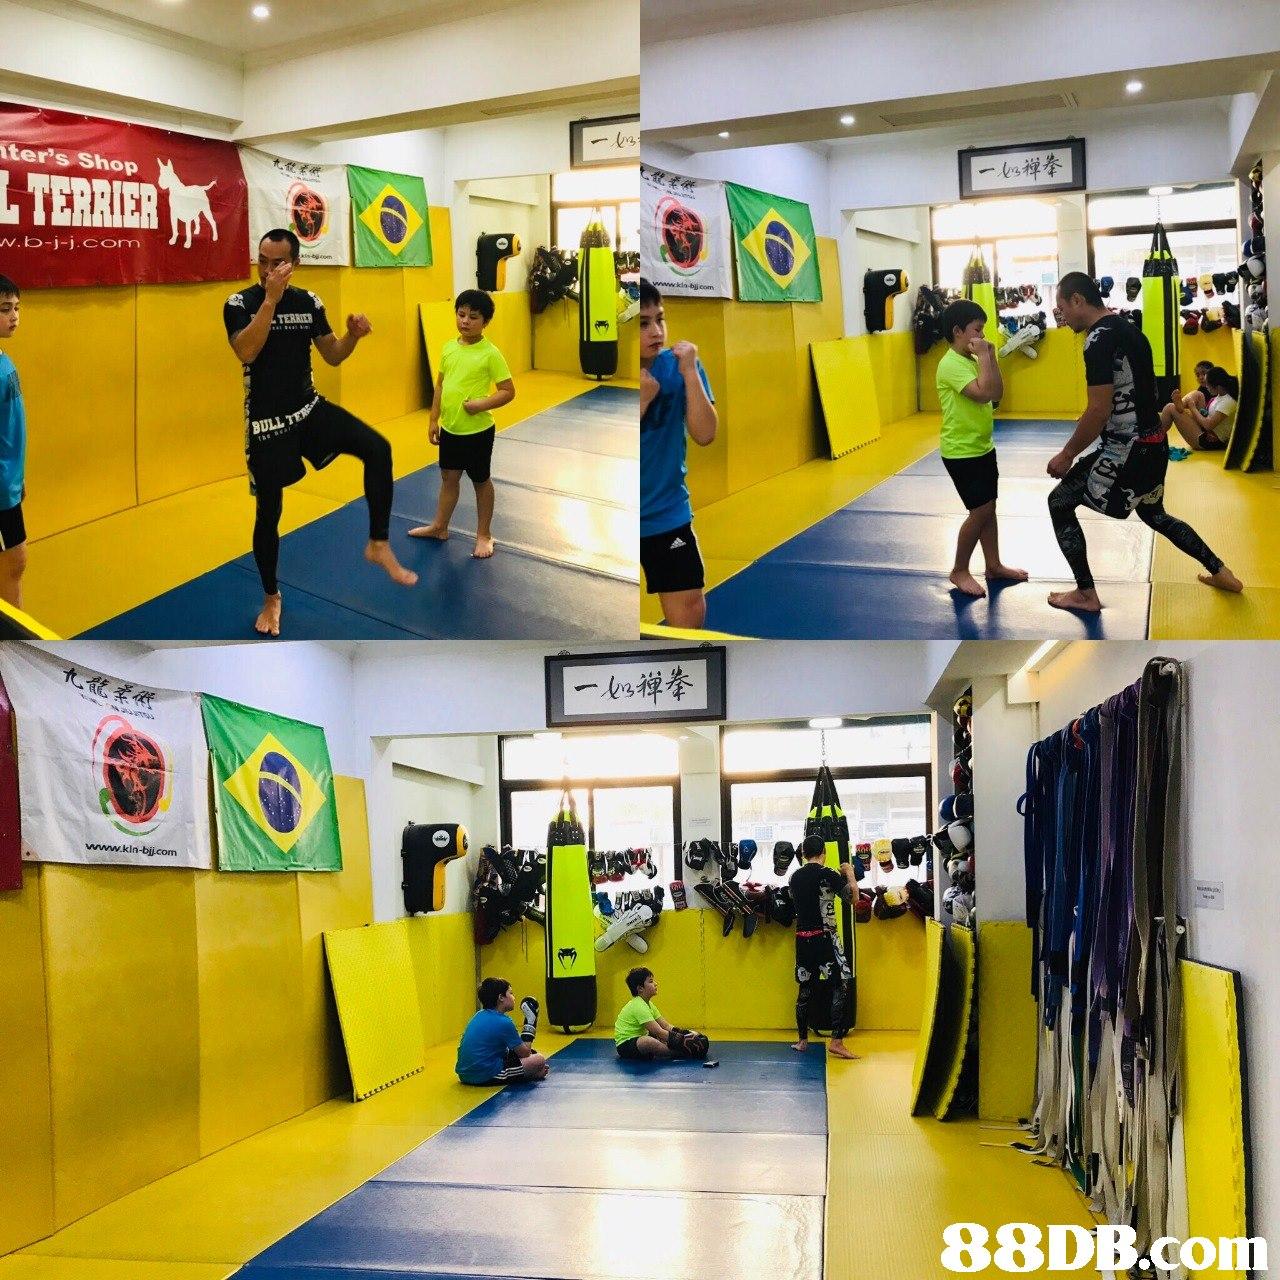 ter's Shop BULL www.kin-bijcom 88DB.com  sport venue